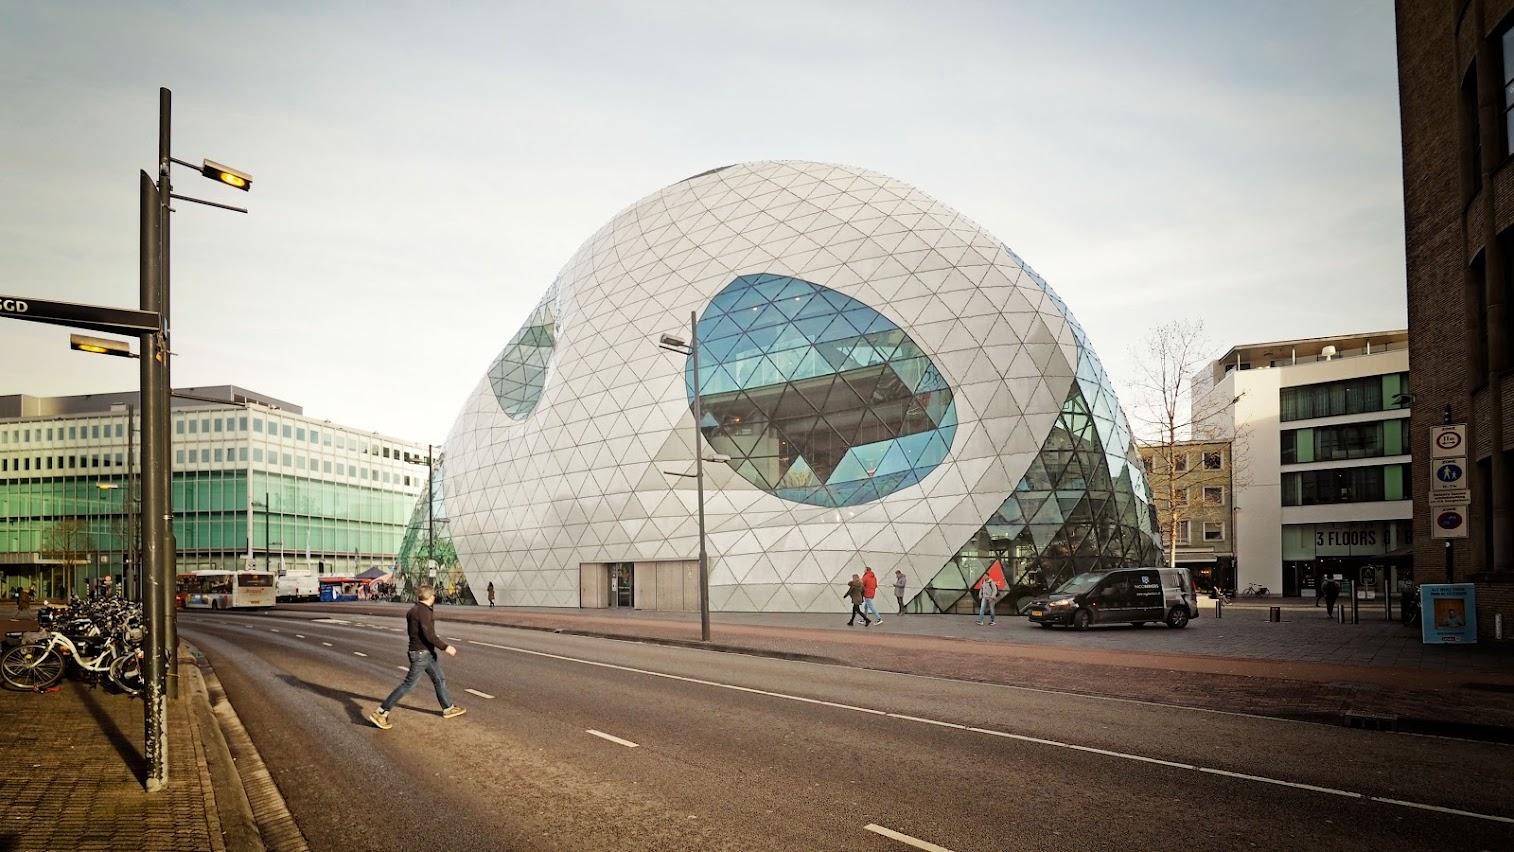 Aangeboden door: Stichting Microtoerisme InZicht Fotoblog Eindhoven blob centrum architectuur